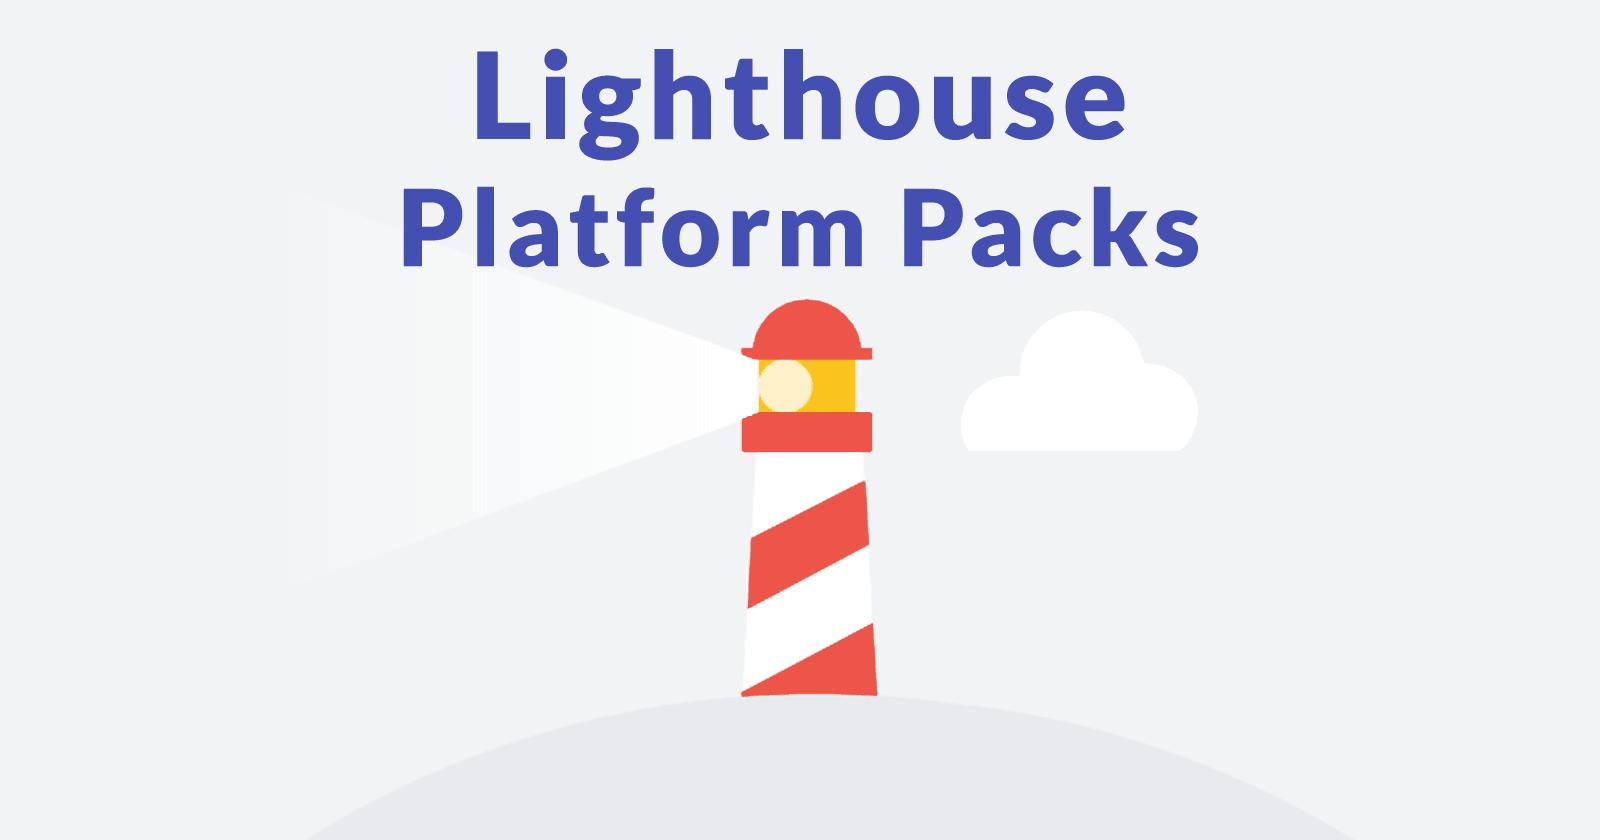 Mise à jour de Google Lighthouse – Annonce des packs de plates-formes